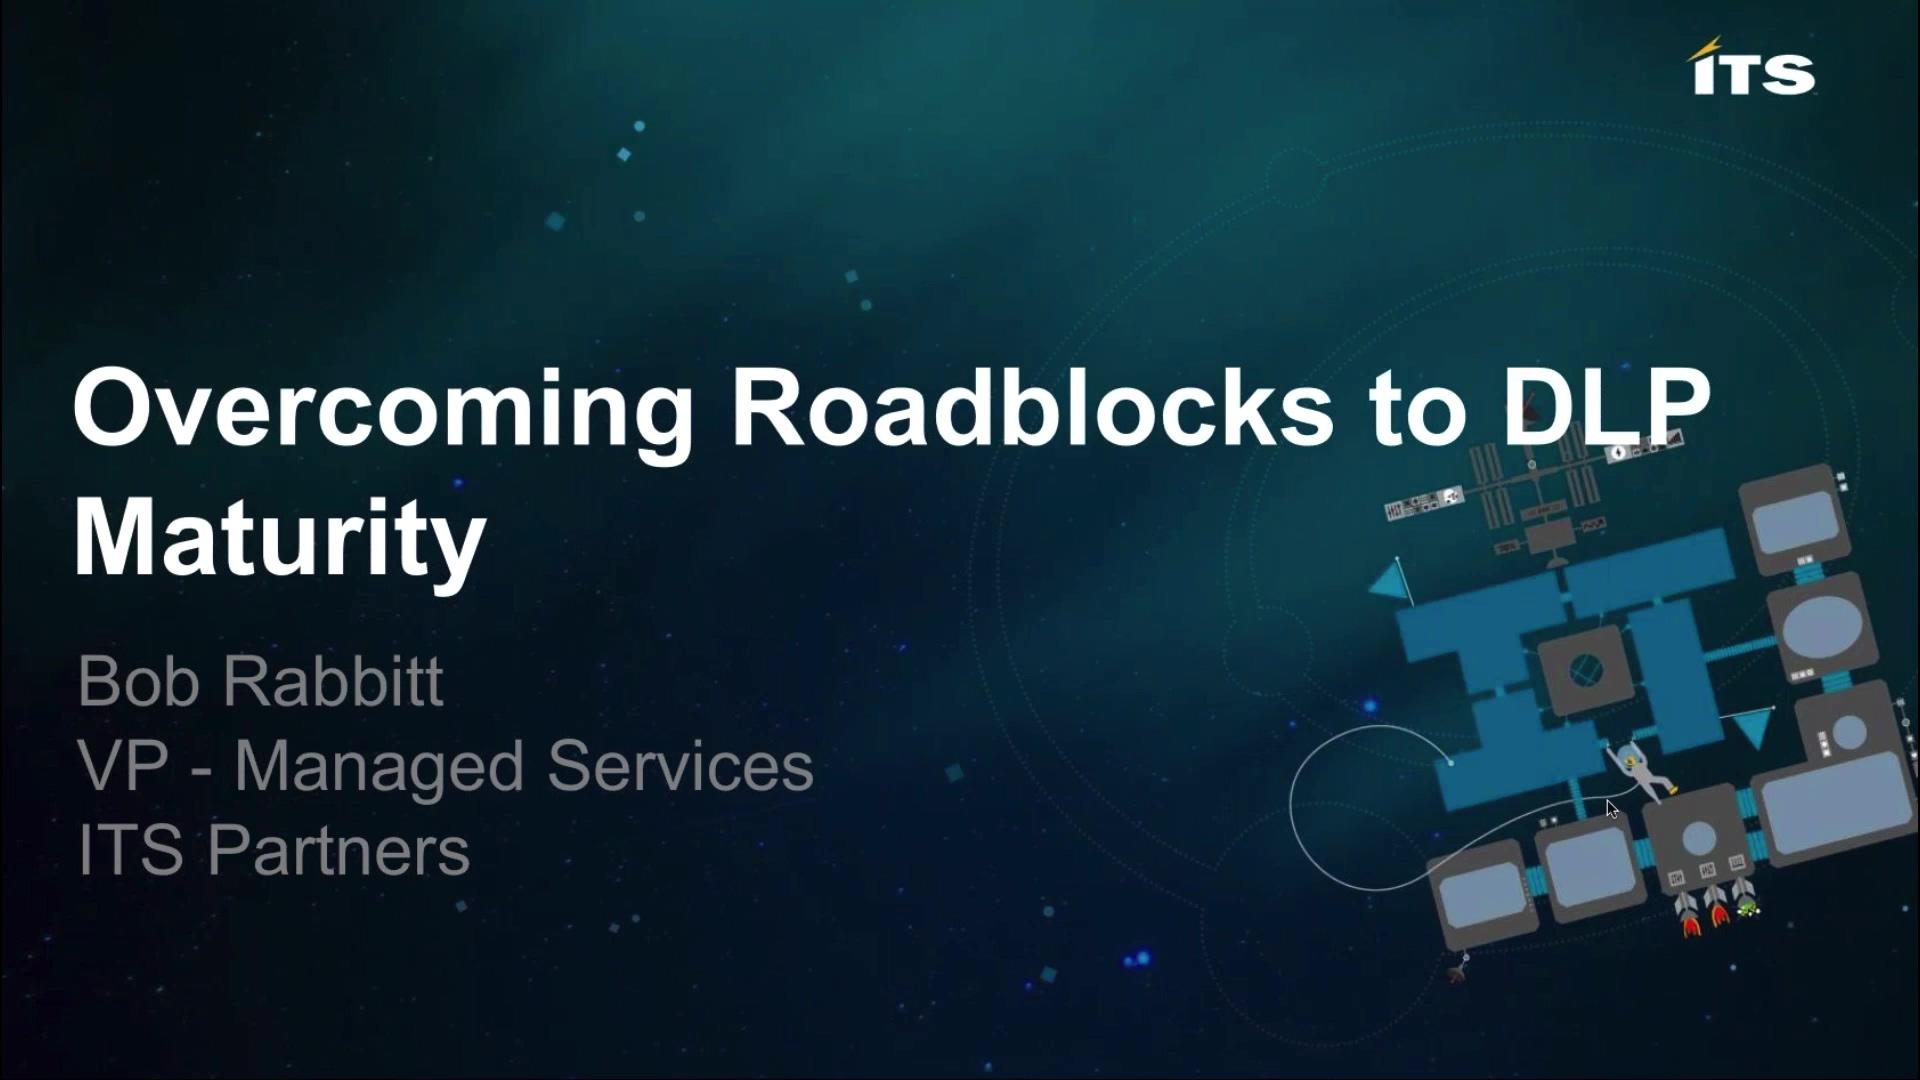 Overcoming Roadblocks To DLP Maturity